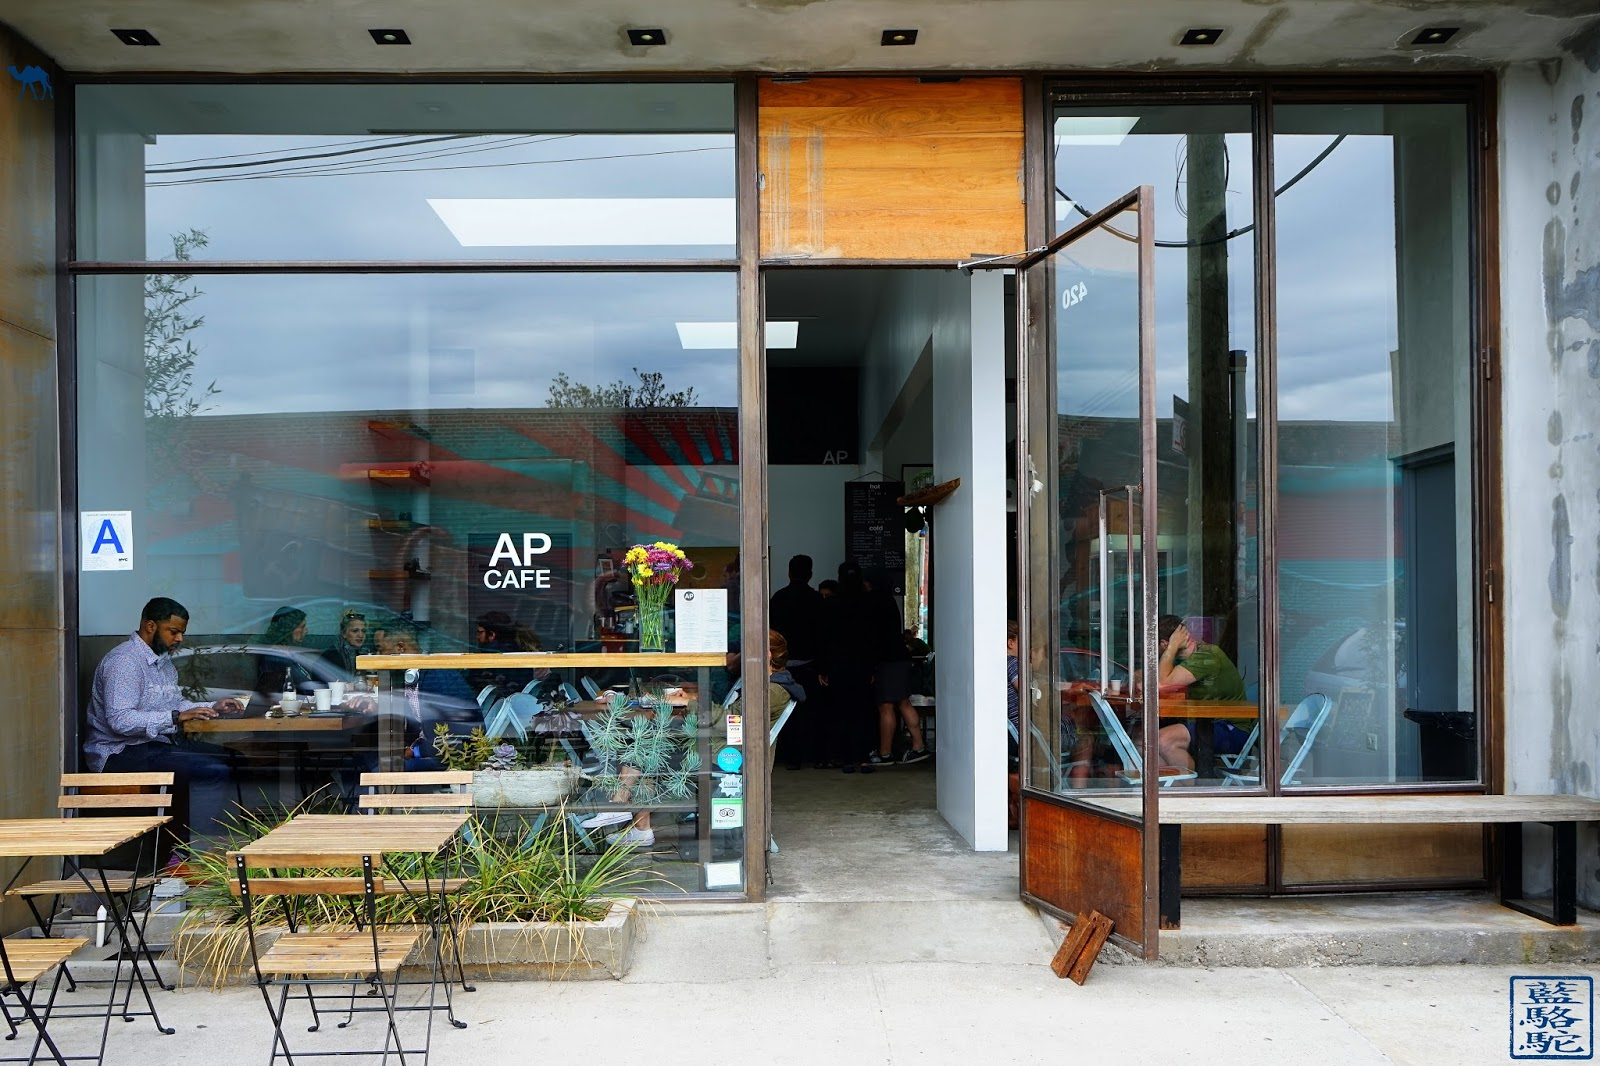 Le Chameau Bleu - Street Art Bushwick 2017 - AP Cafe